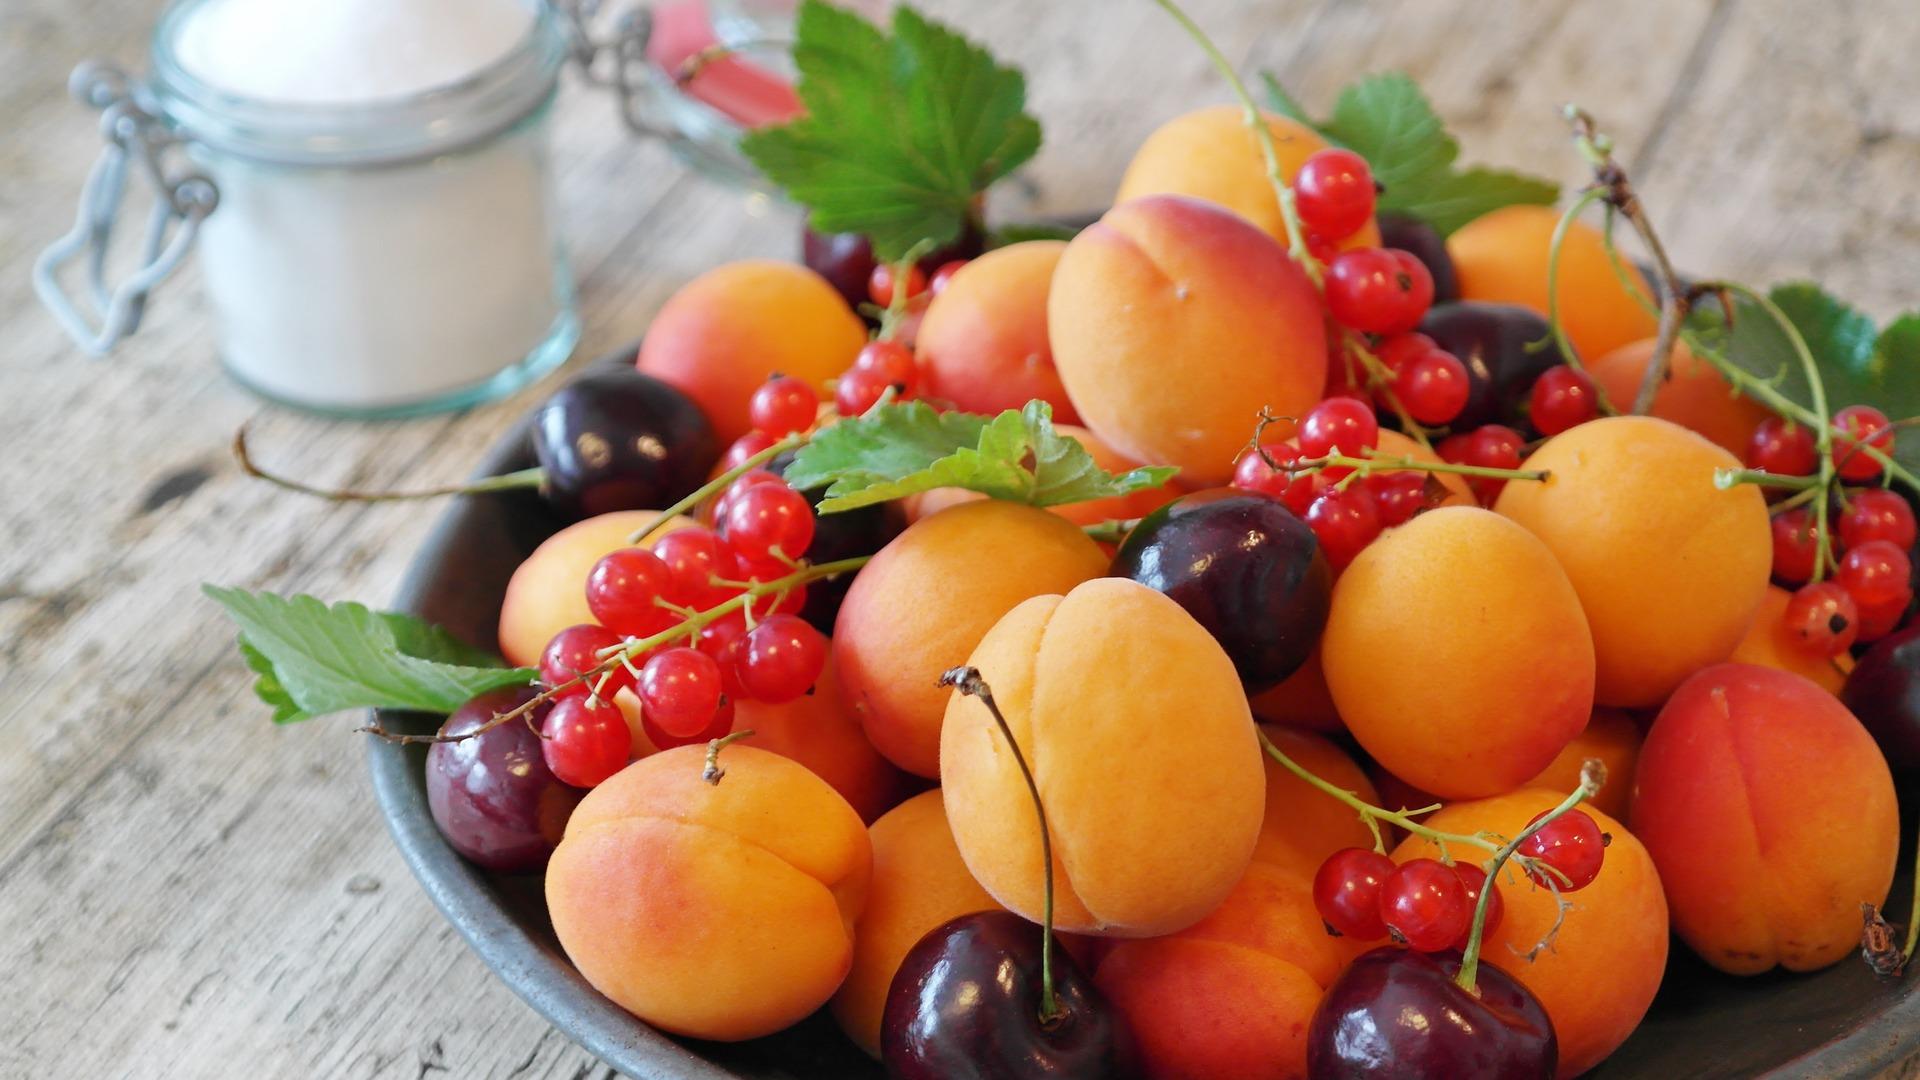 Letní ovoce - třešně, meruňky, rybíz